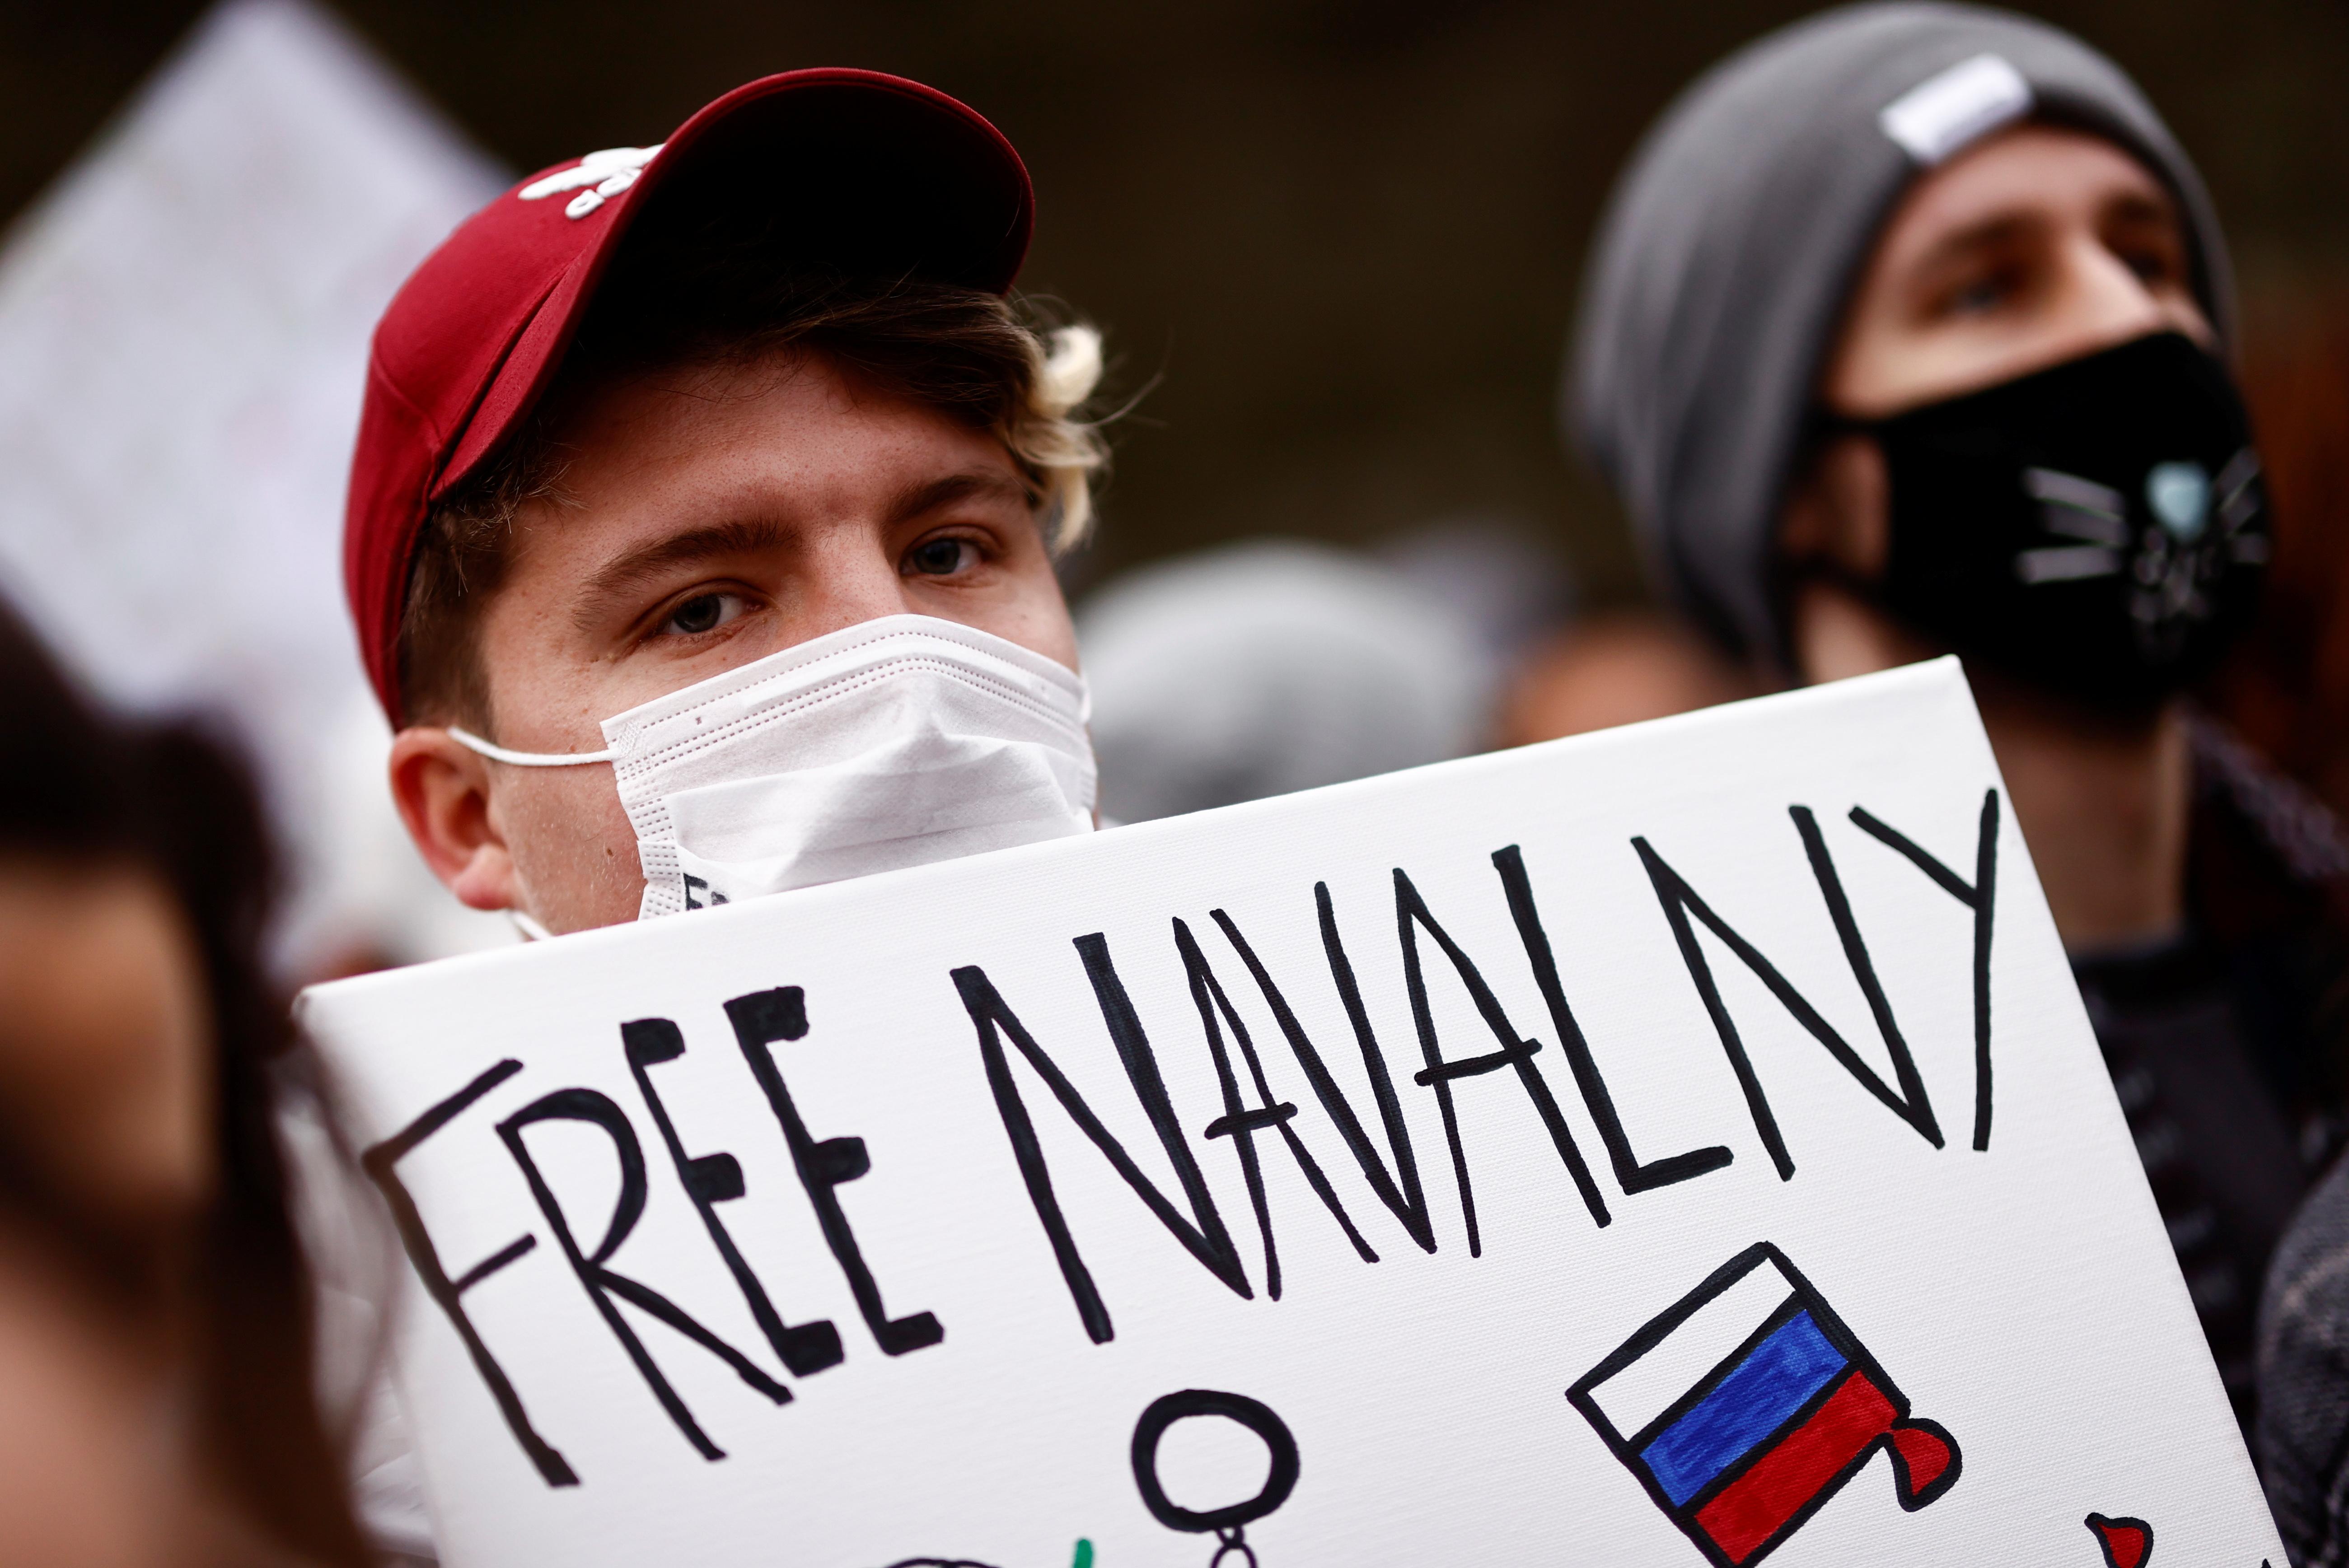 یک جوان روسی بنر بلند می کند و خواستار آزادی ناوالنی است.